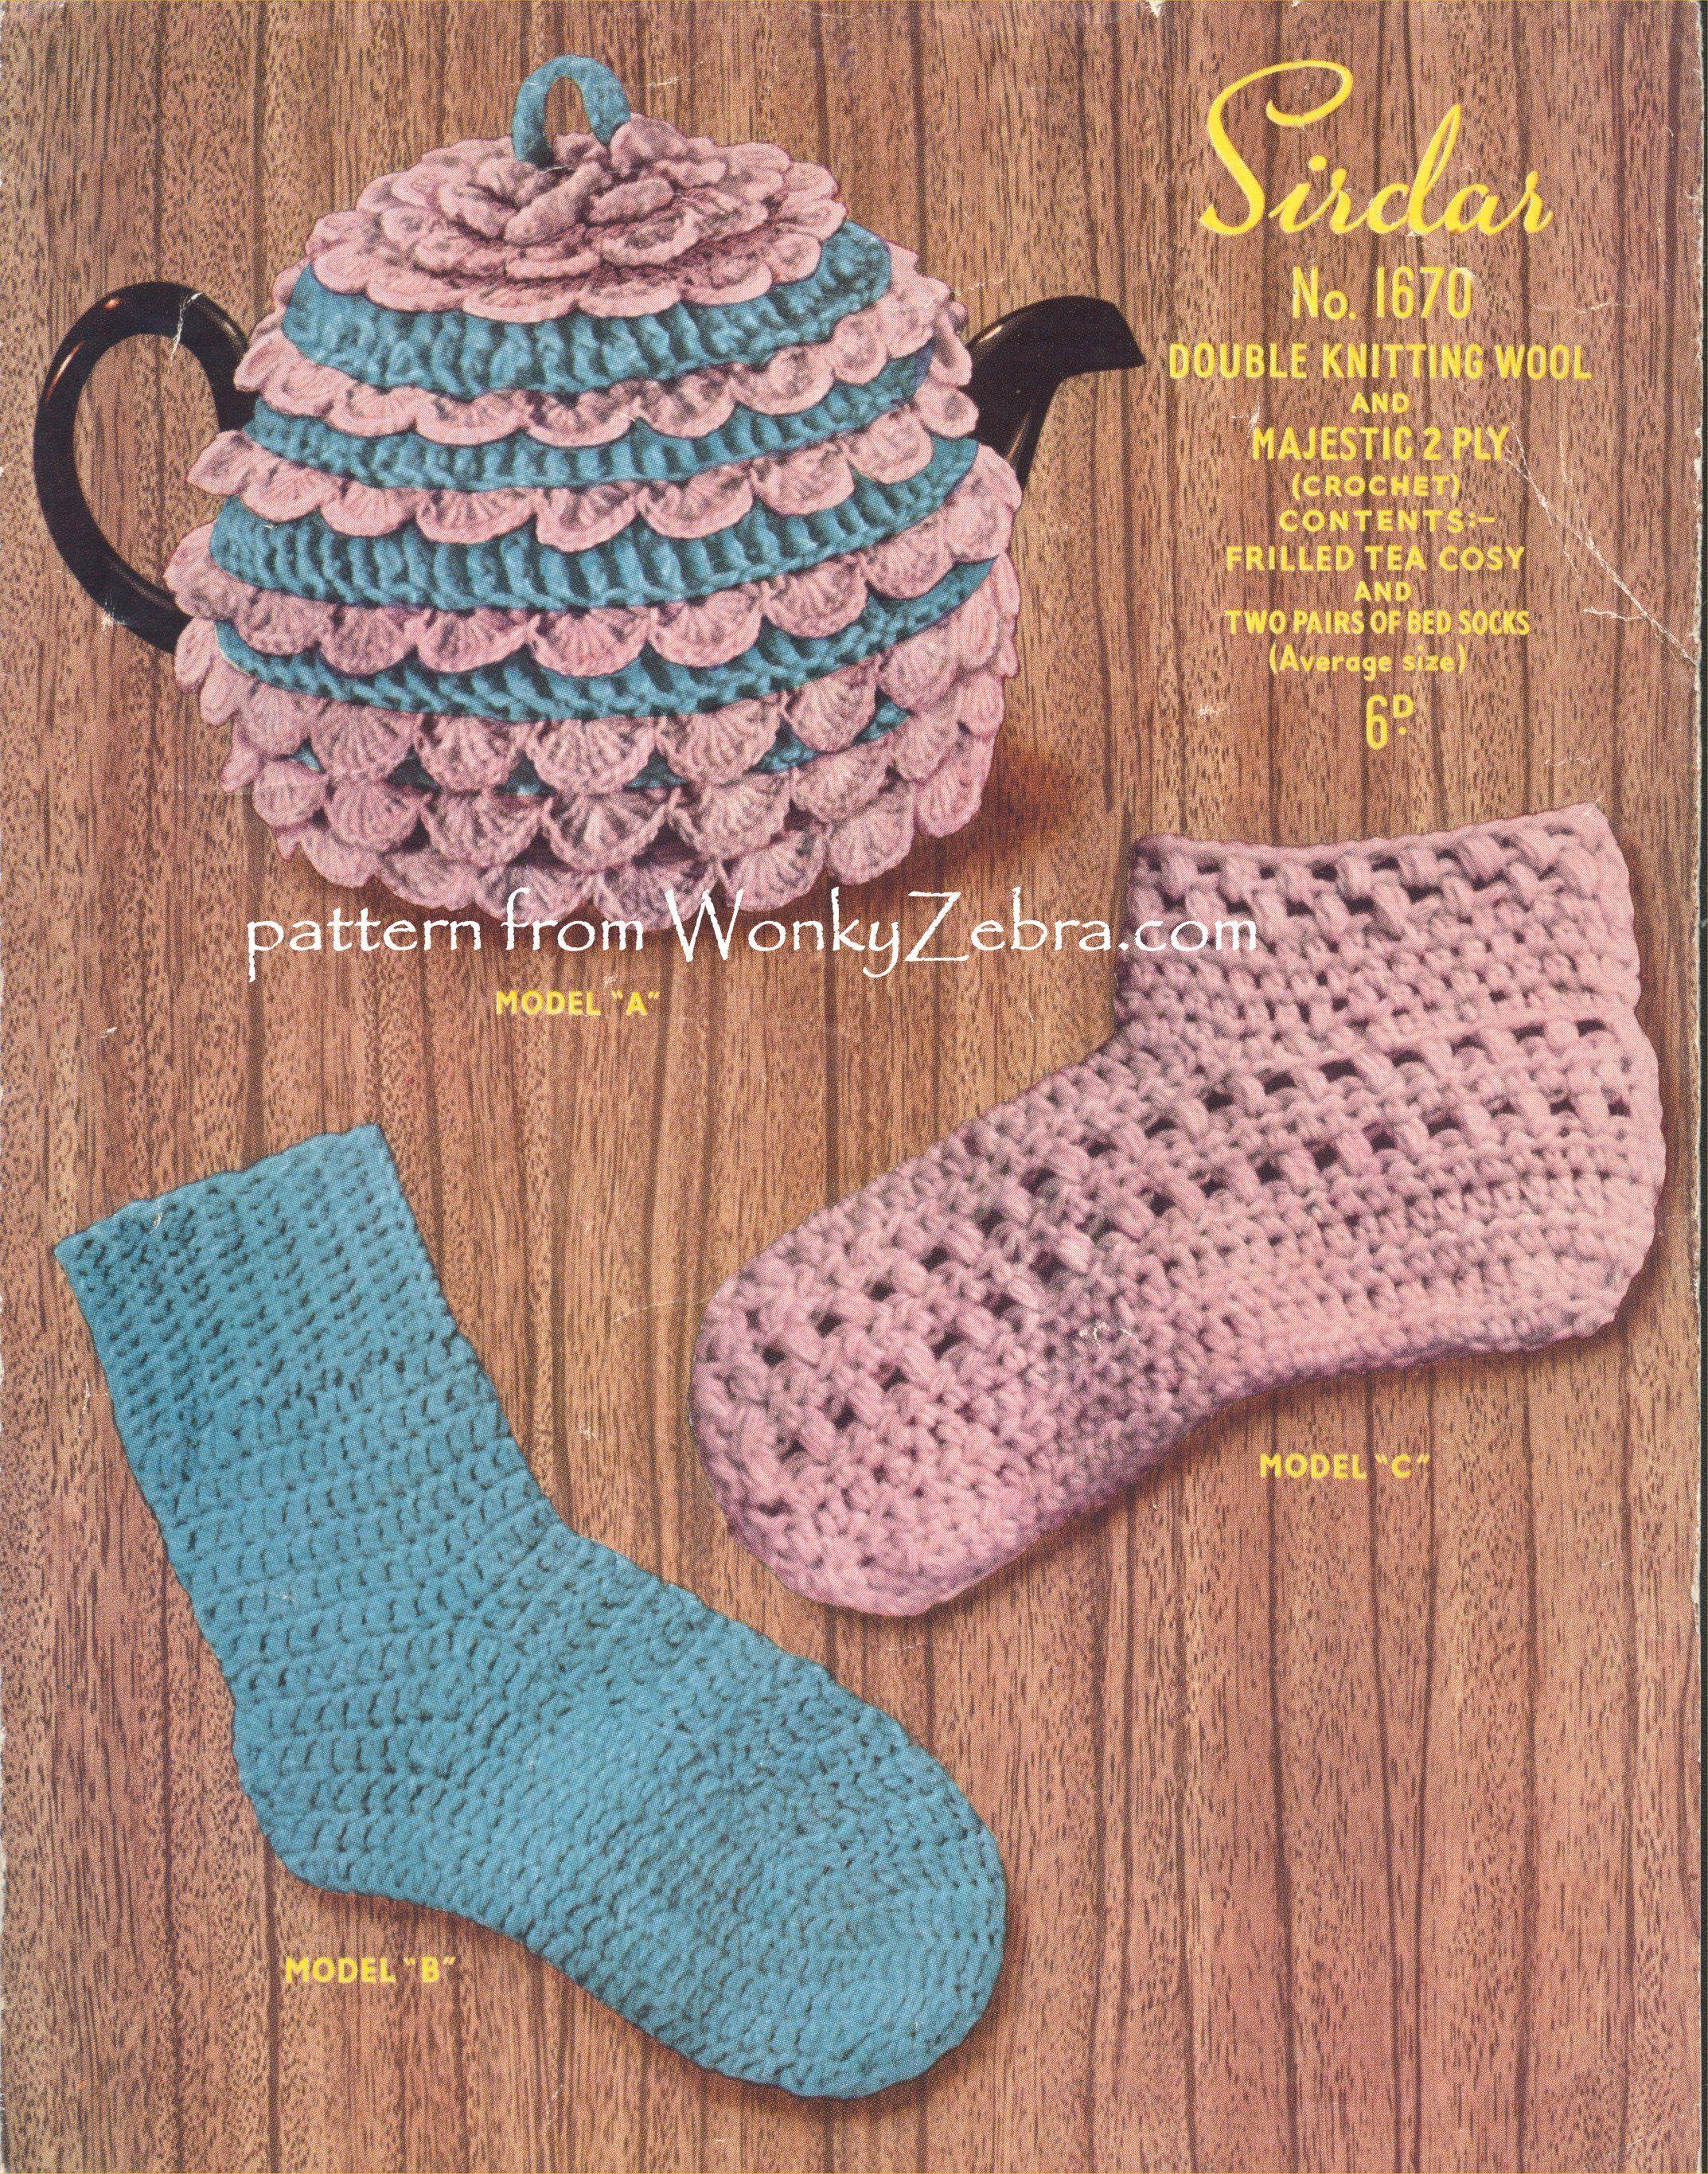 Amazing Knitting Patterns For Bed Socks Ensign - Blanket Knitting ...